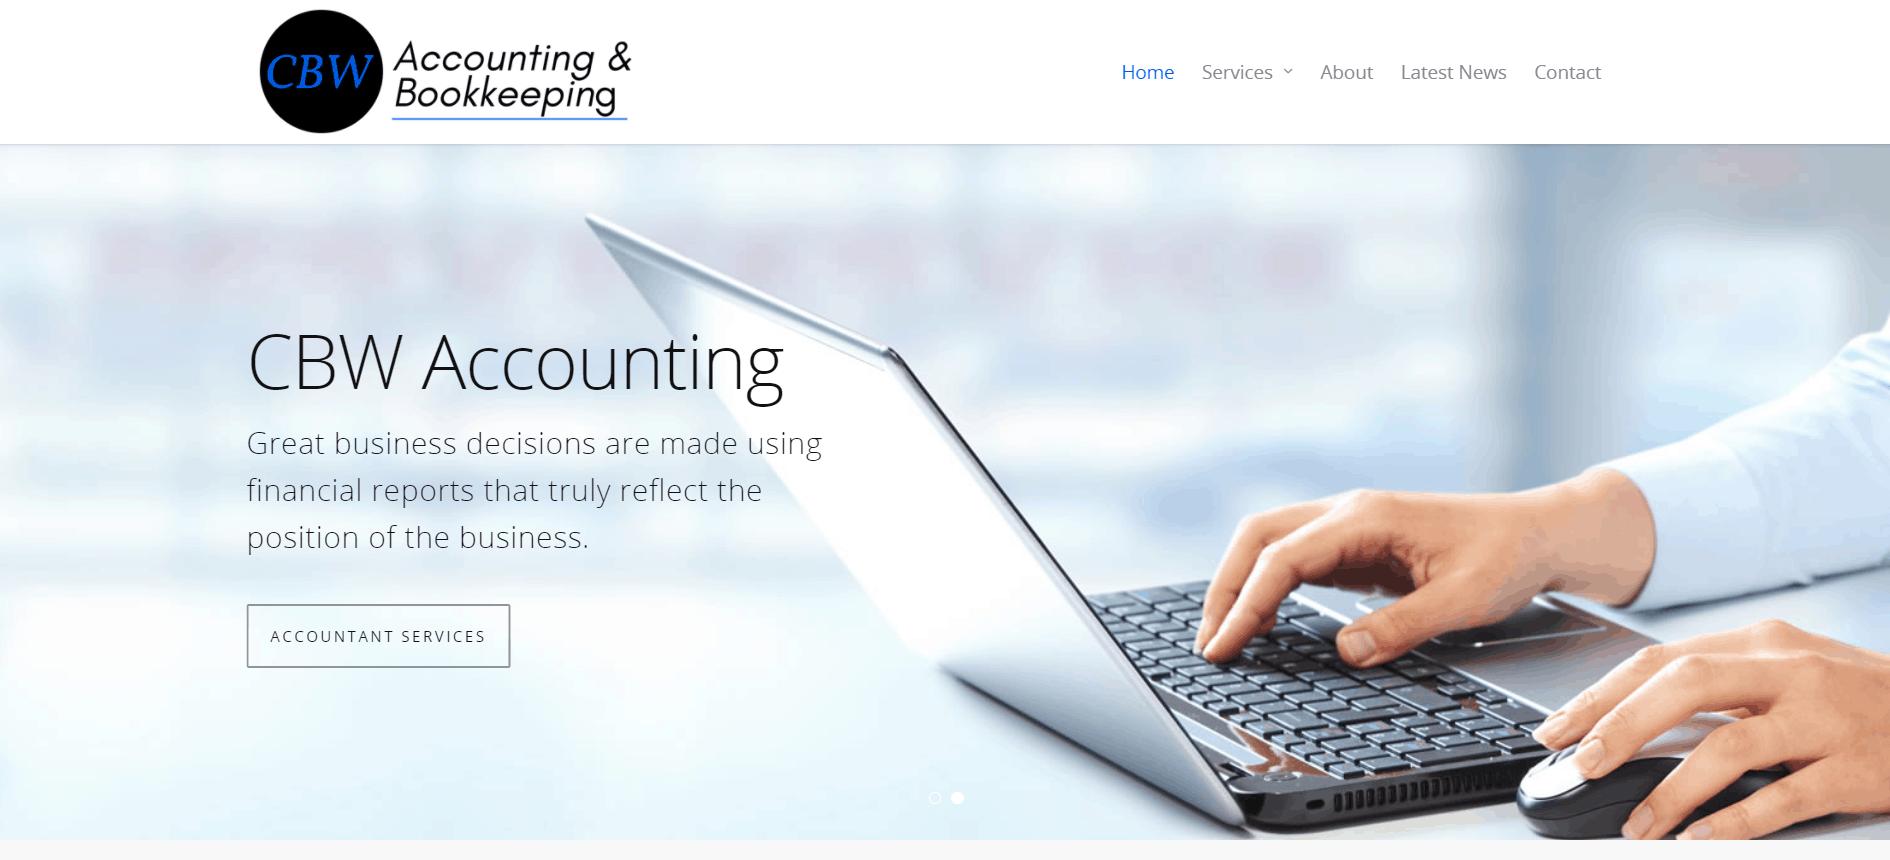 Cbw Accounting